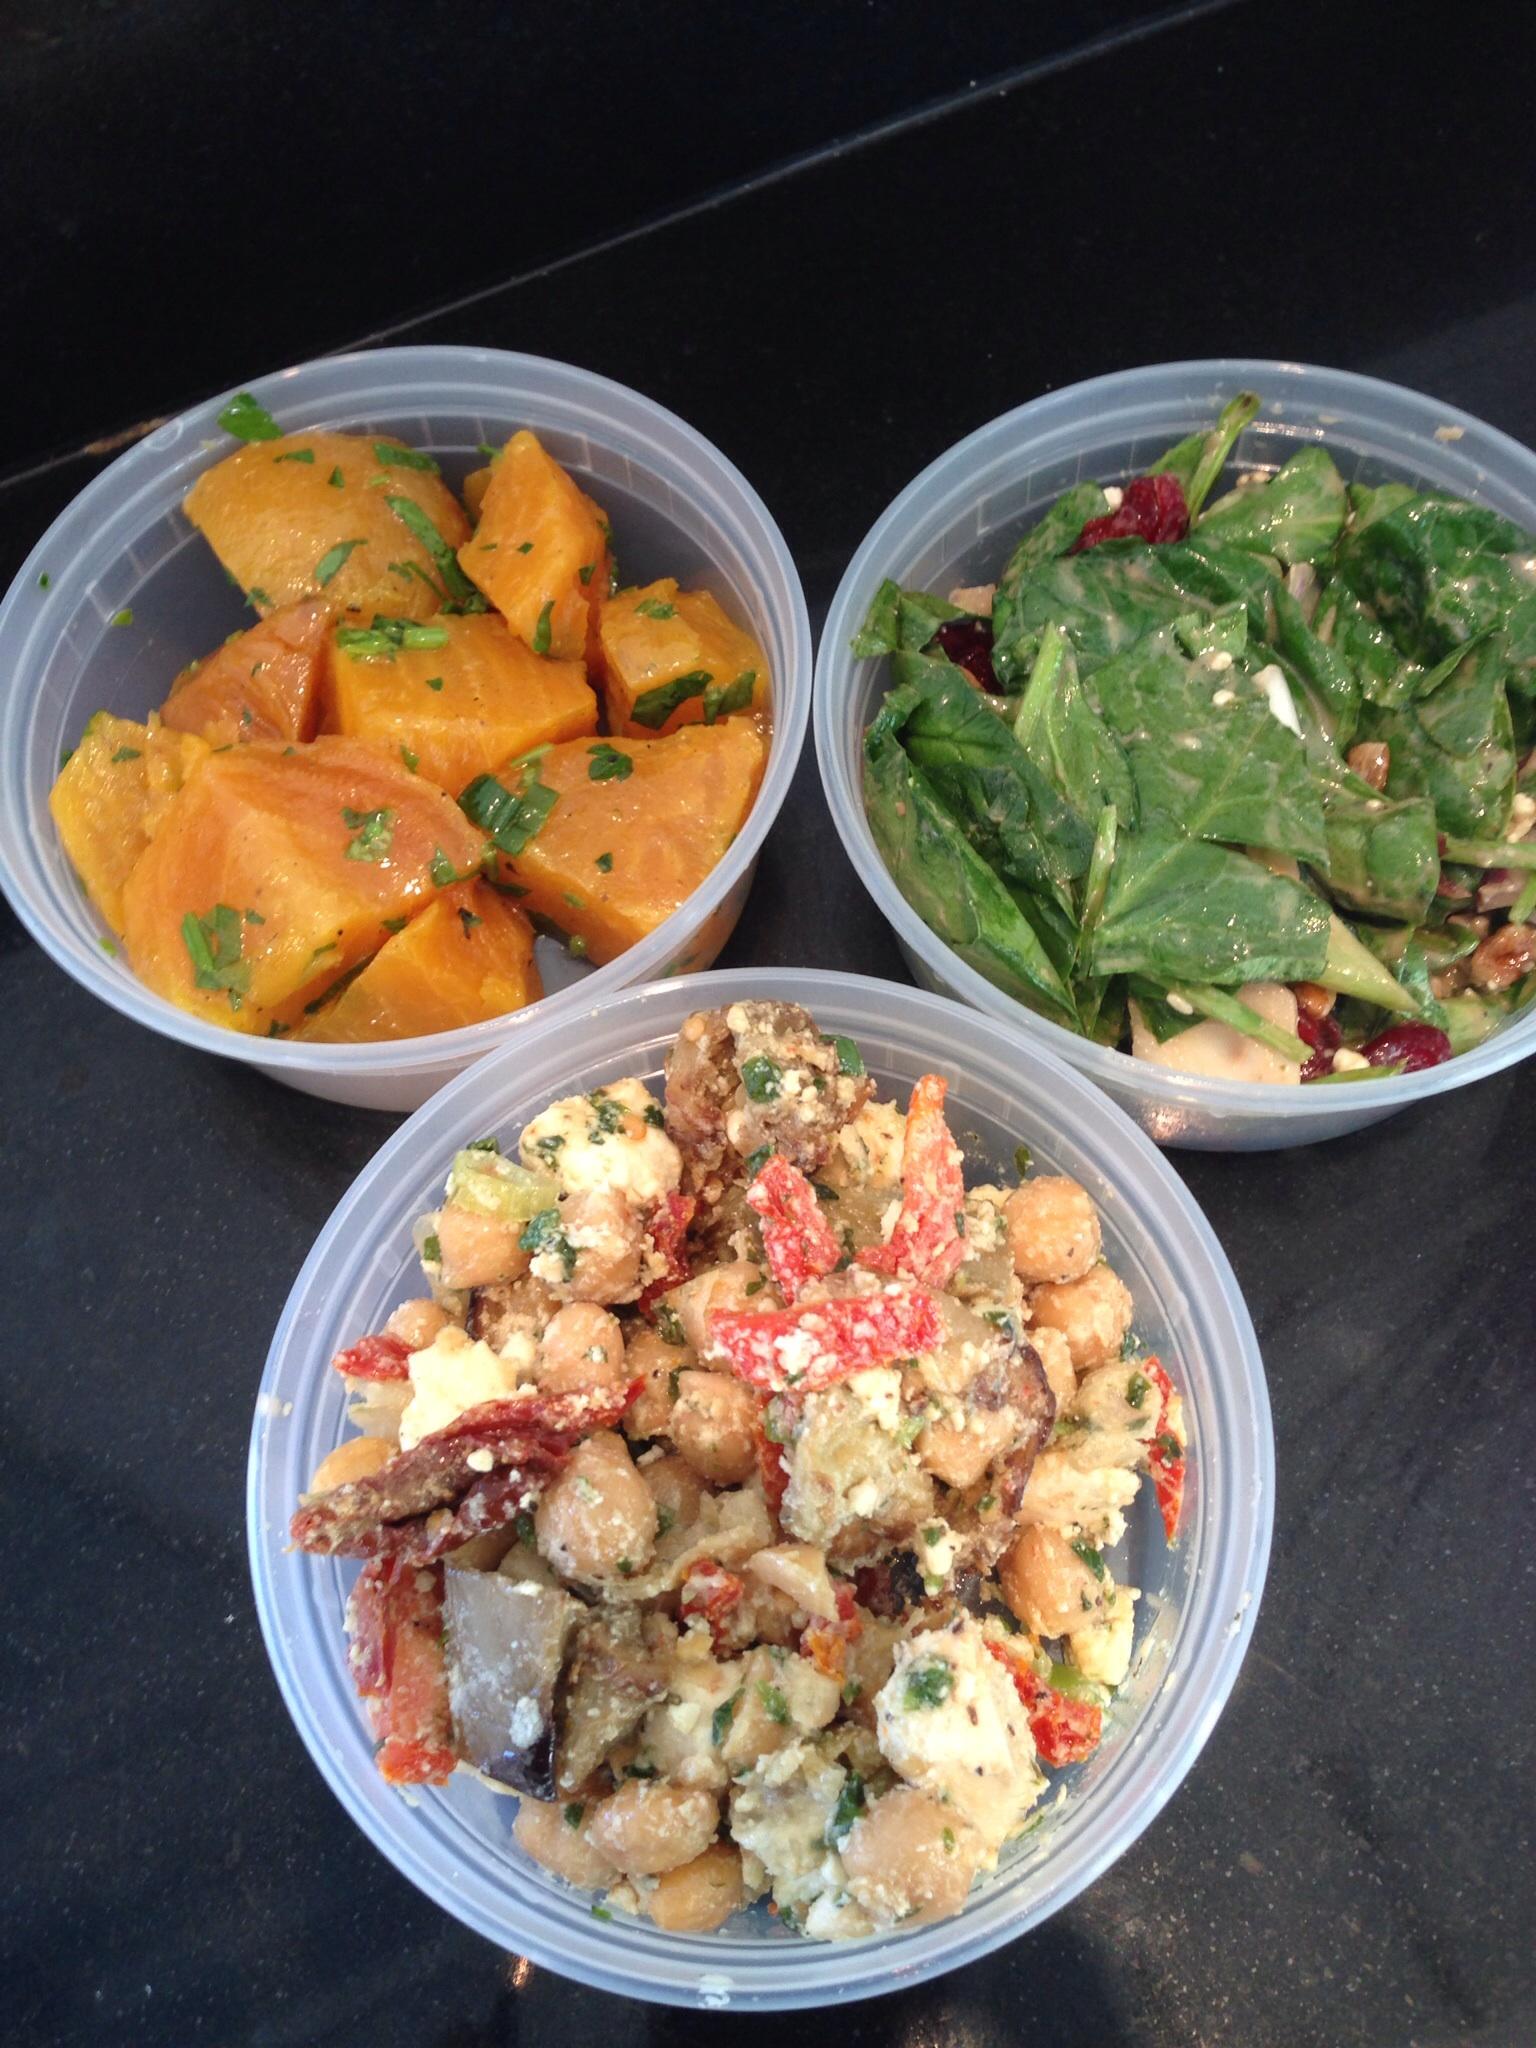 Dean & Deluca Lunch Salads